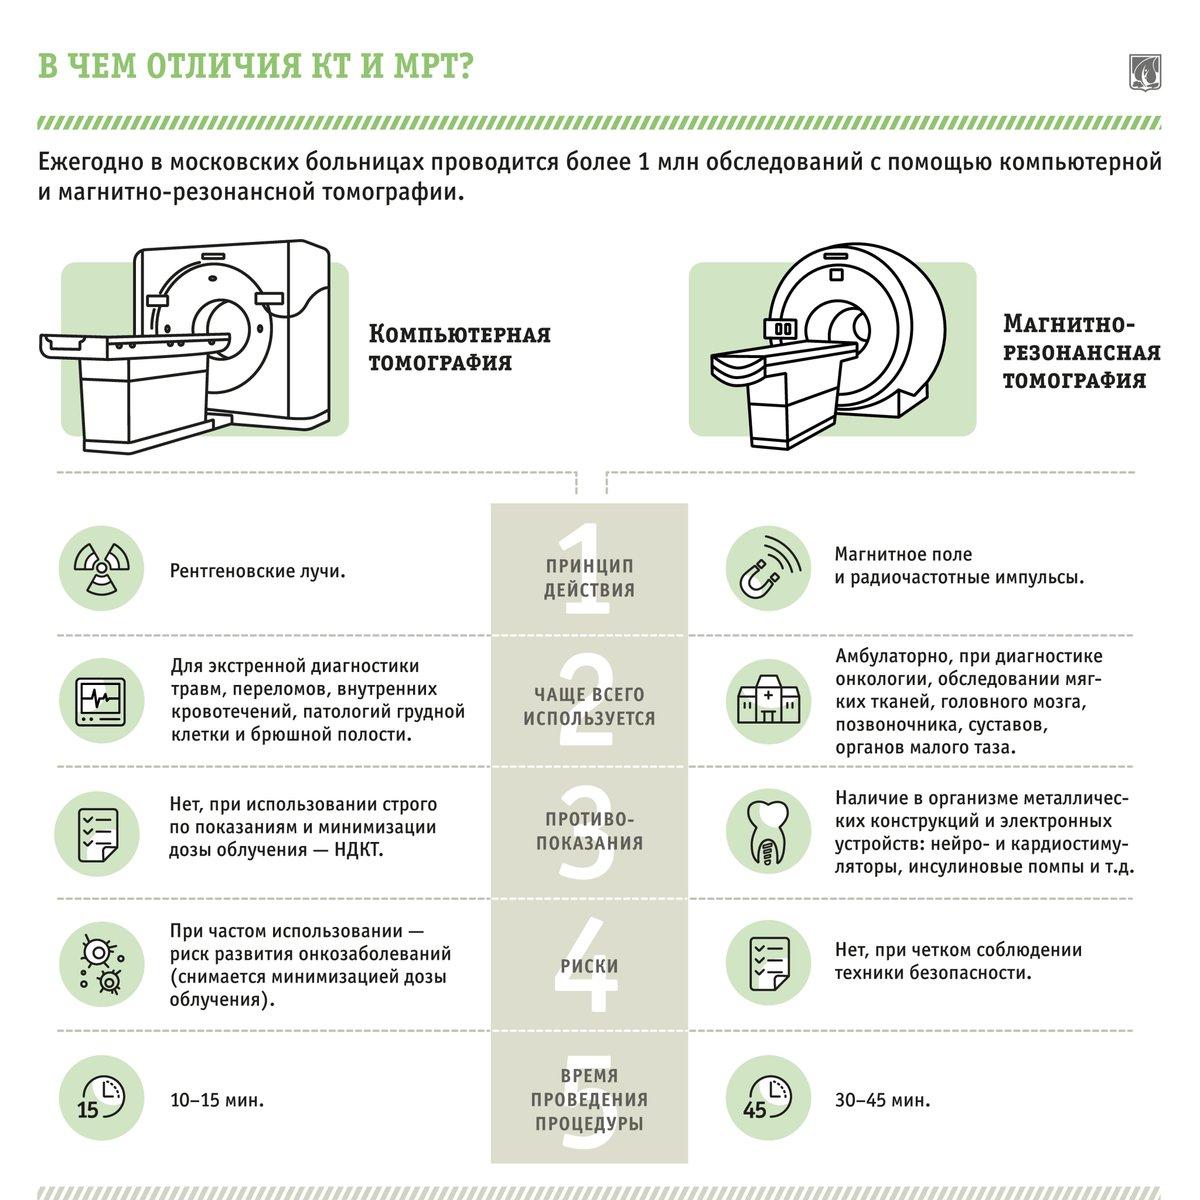 Различия между КТ и МРТ